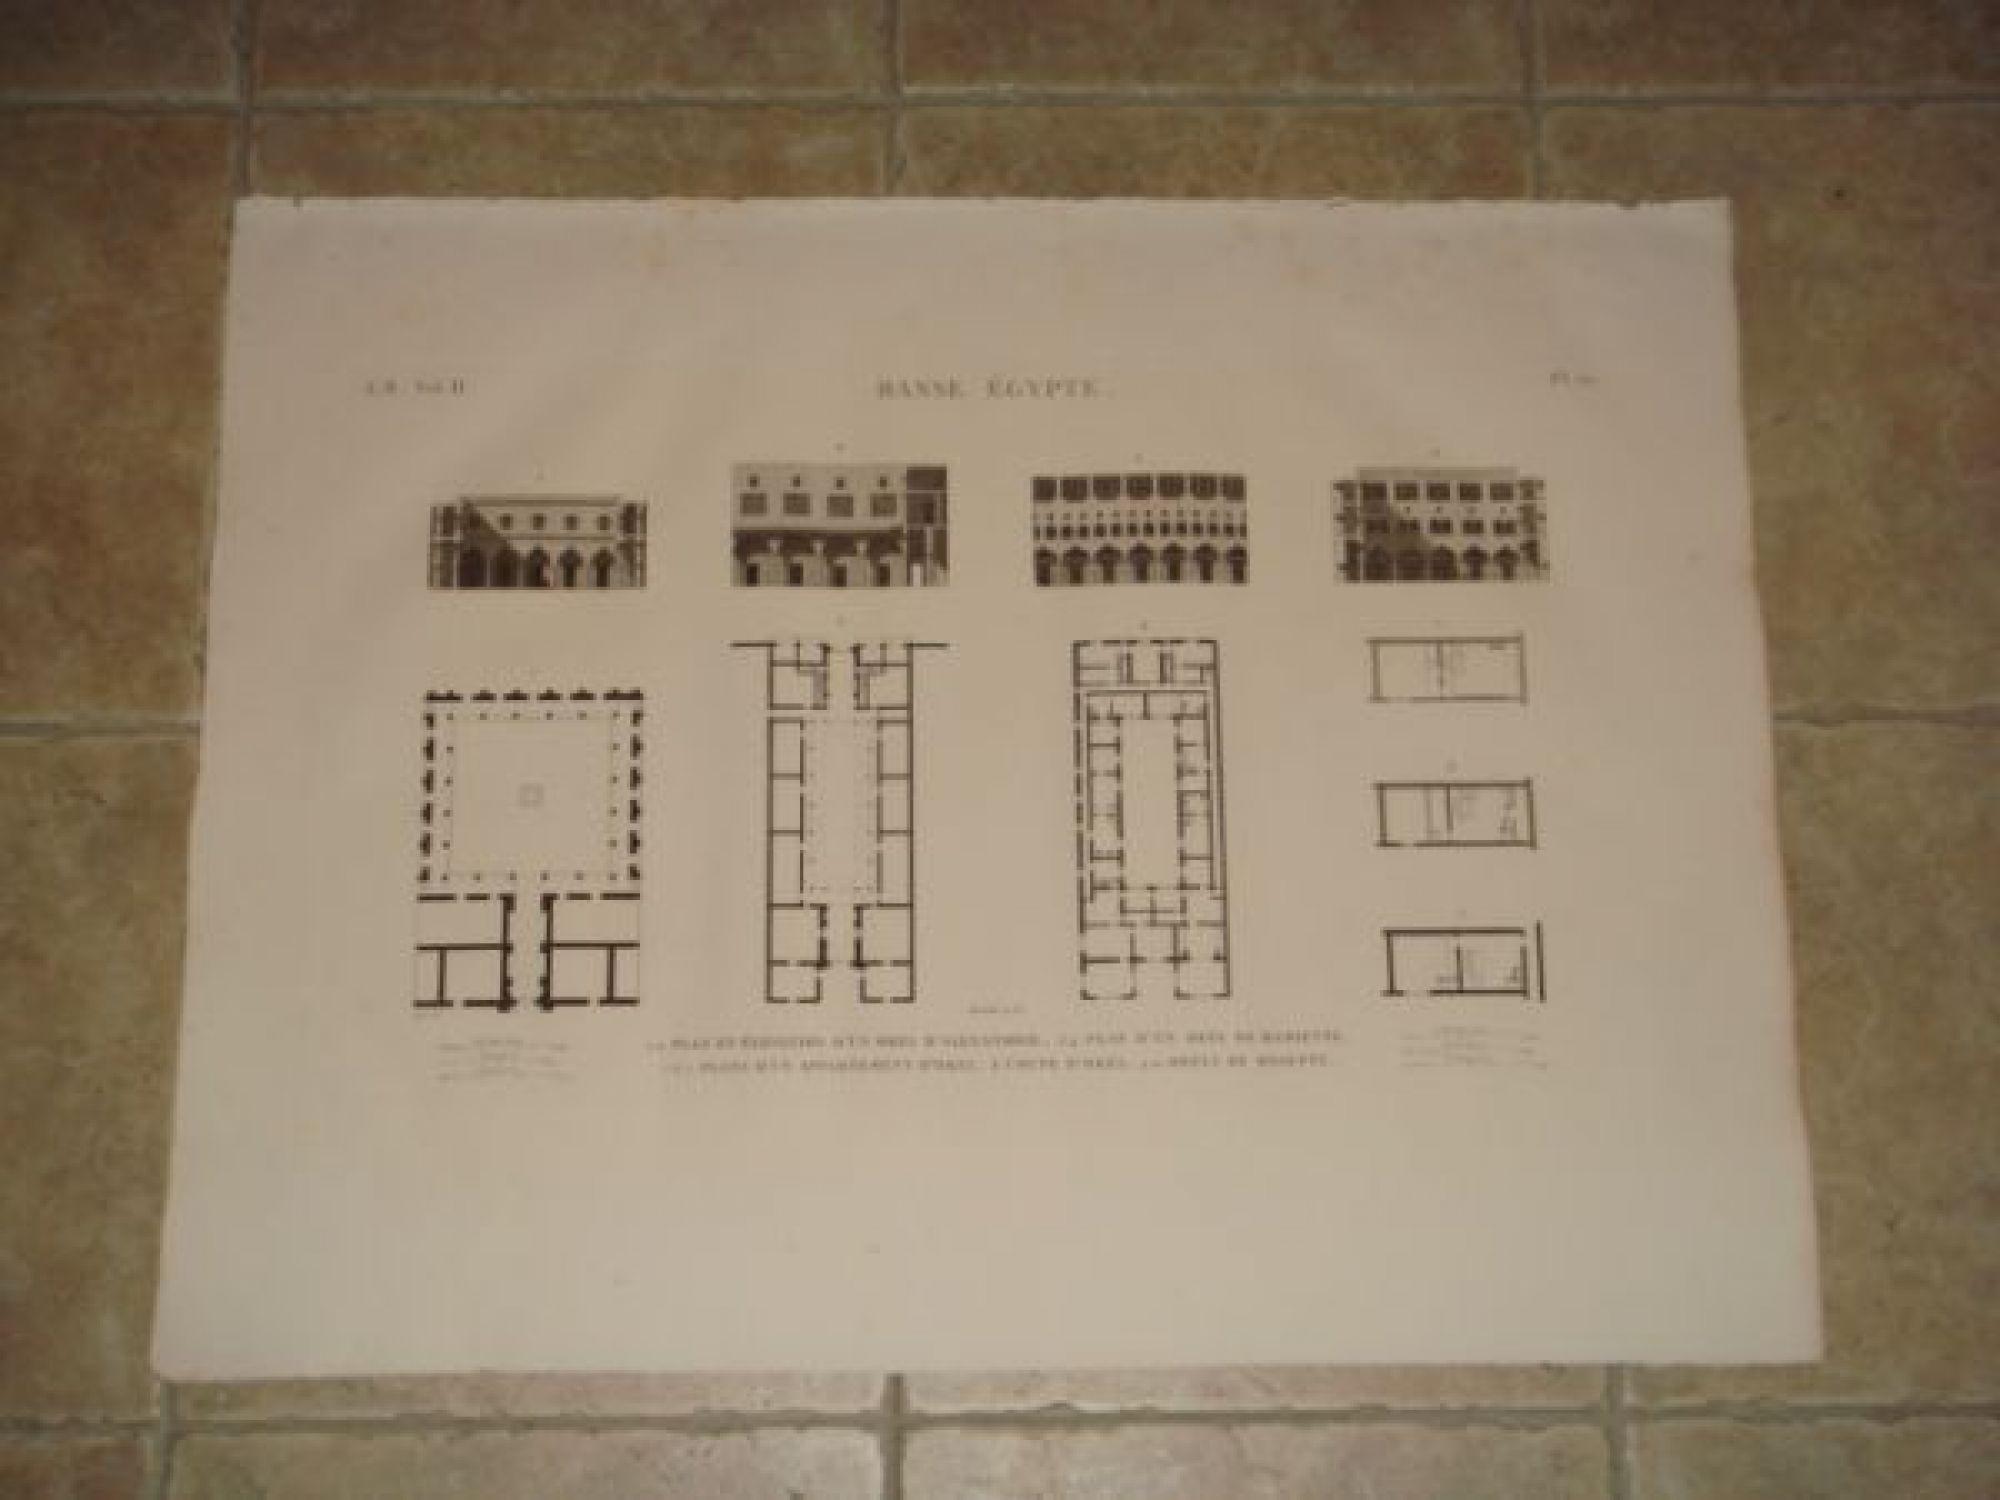 Elevation Plan Description : Description de l egypte basse plan et élévation d